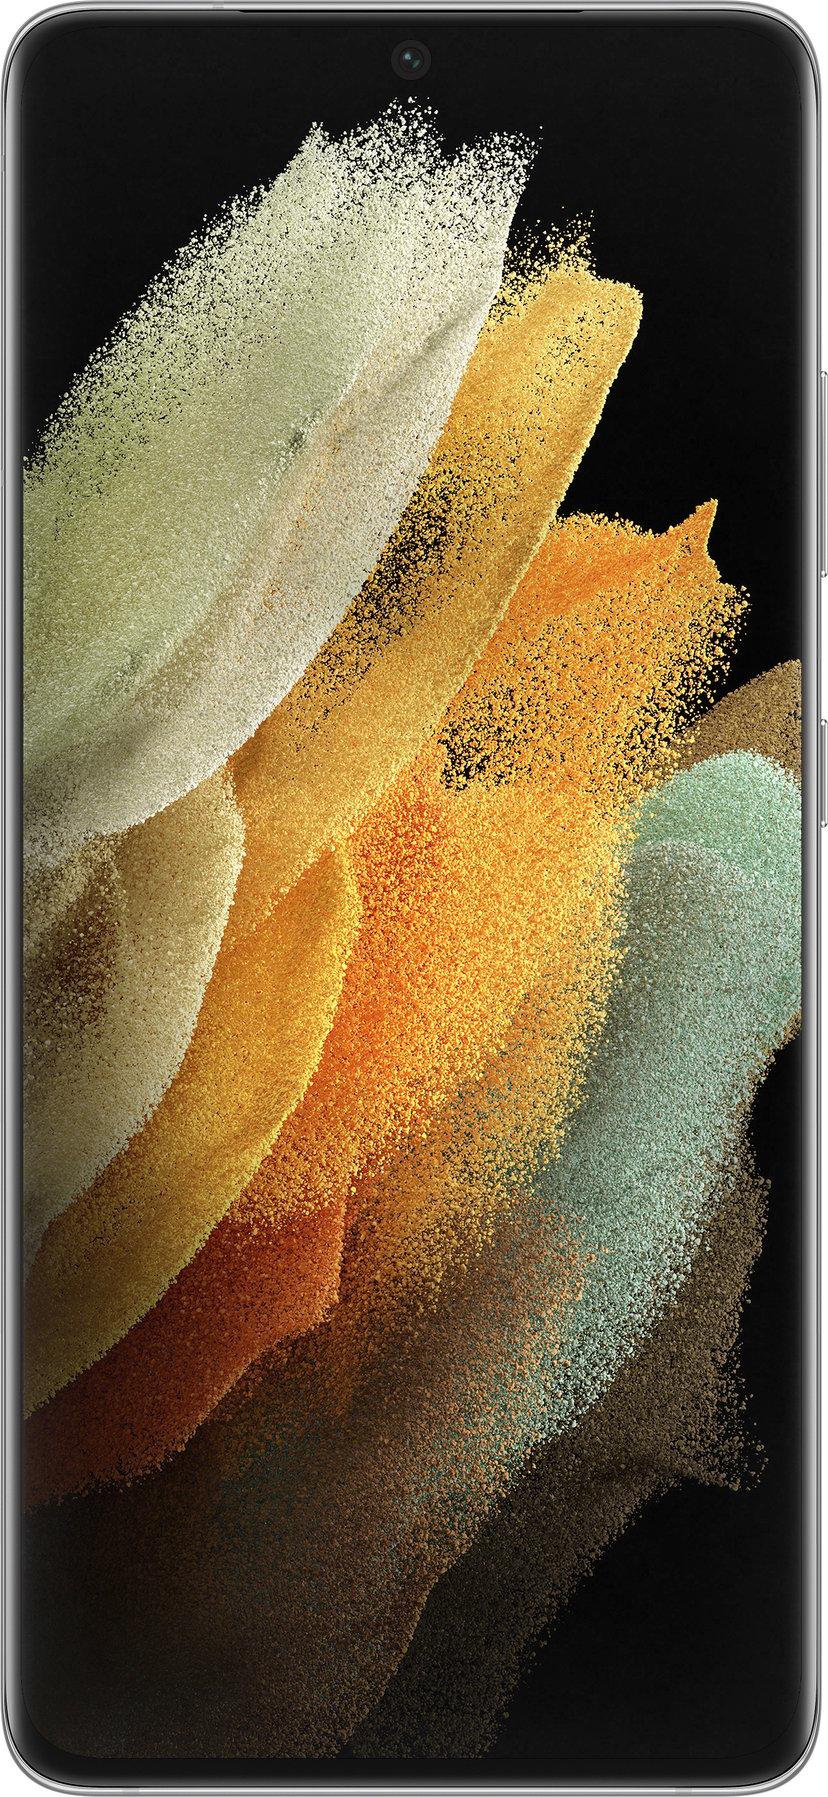 Samsung Galaxy S21 Ultra 5G 256GB Dual-SIM Phantom silver